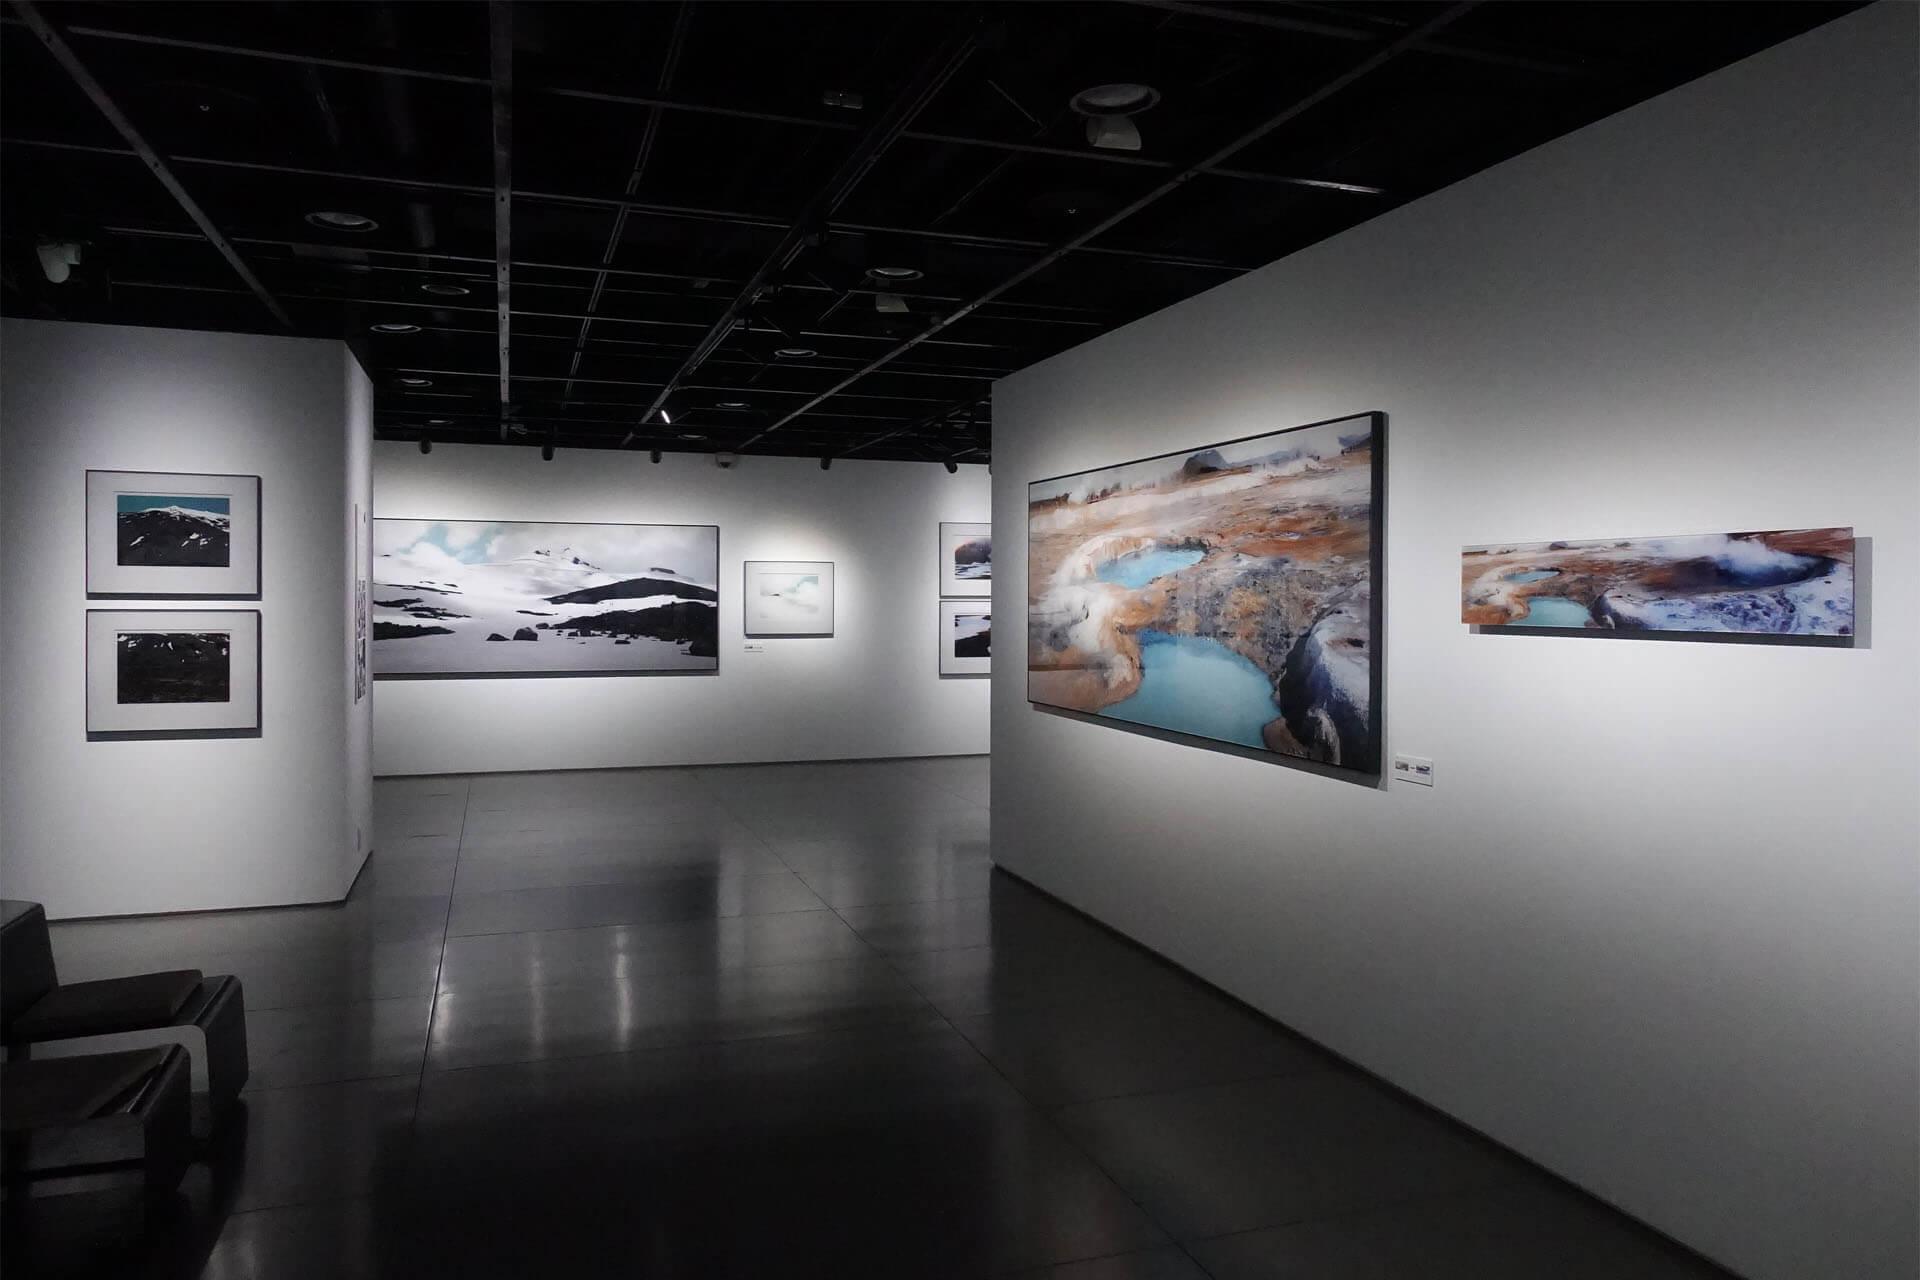 築空間:【原貌】劉群群攝影個展